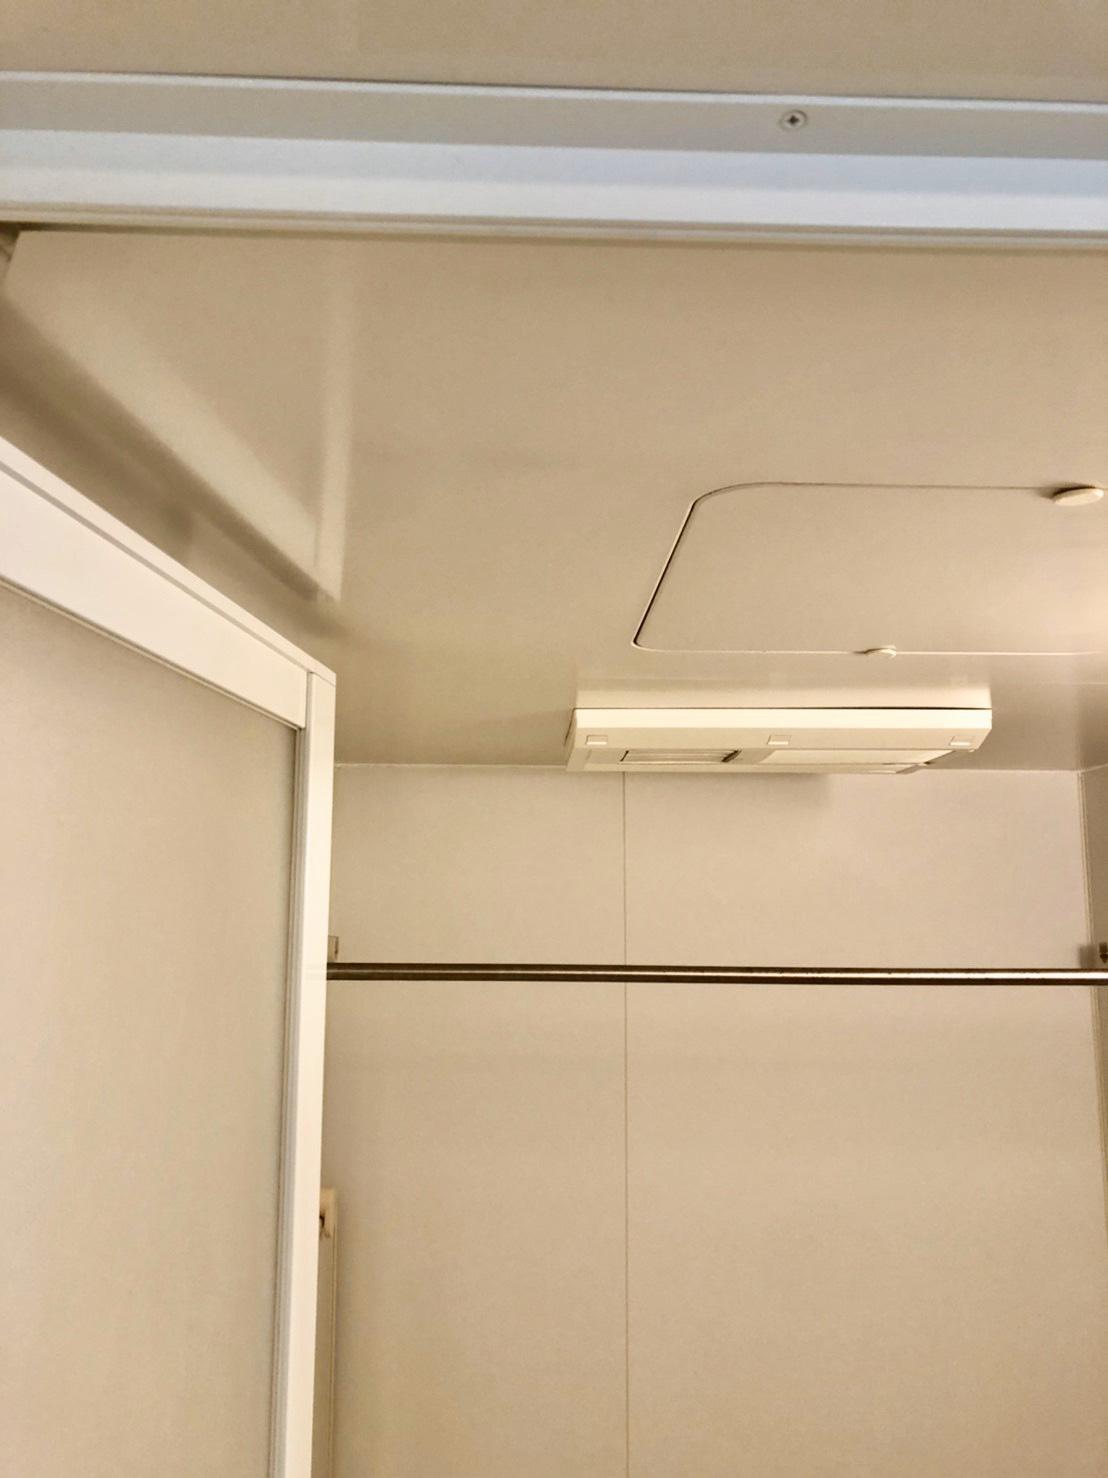 神奈川県鎌倉市 浴室クリーニング T様